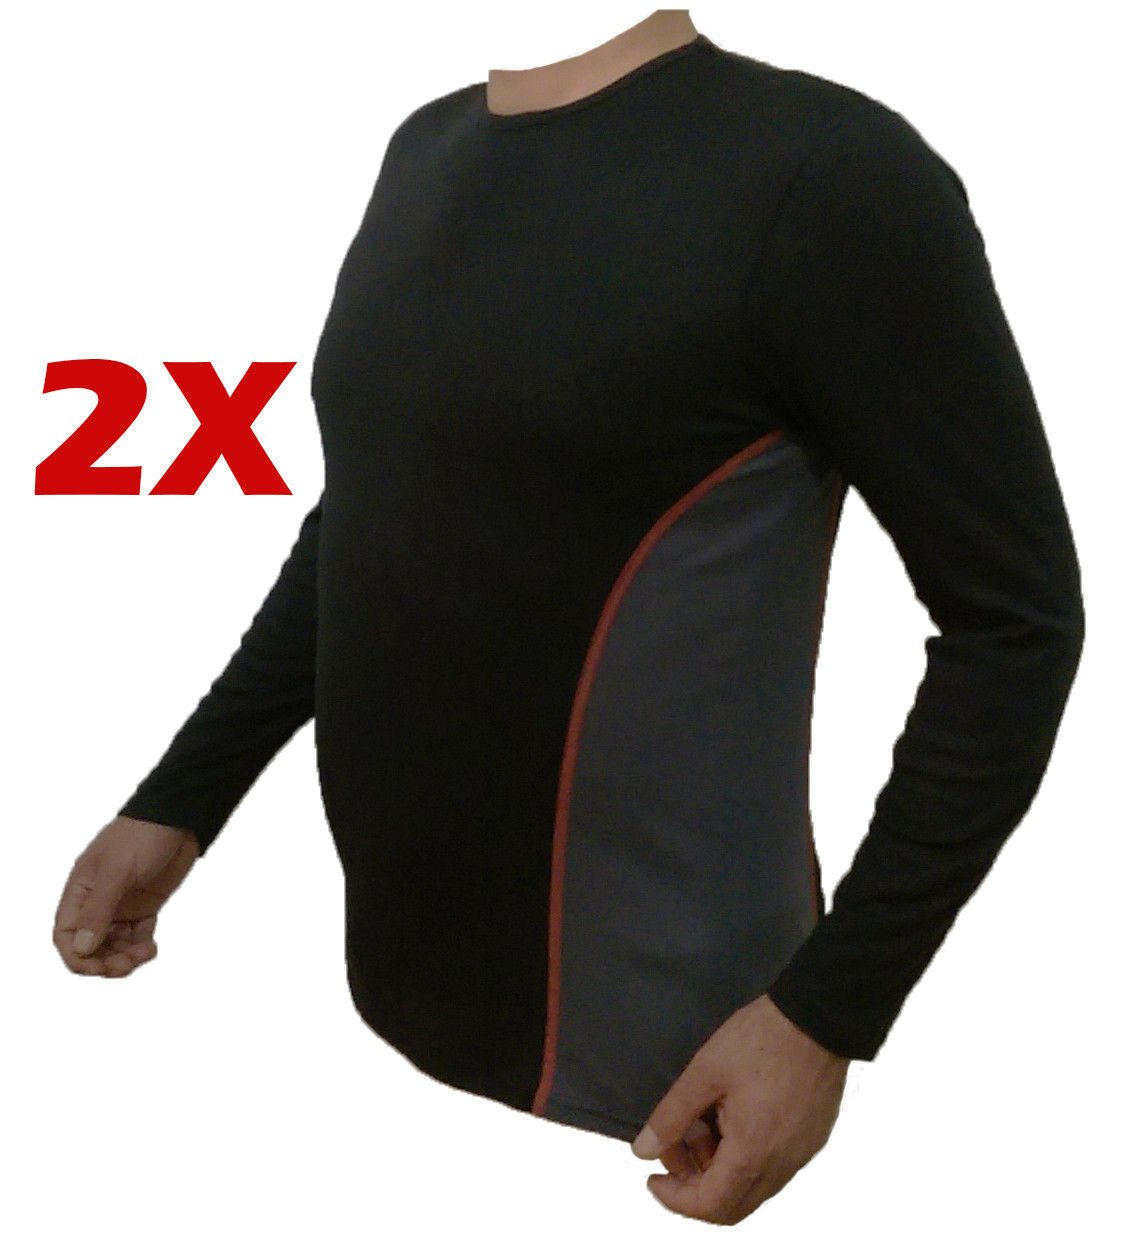 2 stk. lange  Unterhemd Herren Thermo Ski Unterwäsche  Funktionswäsche